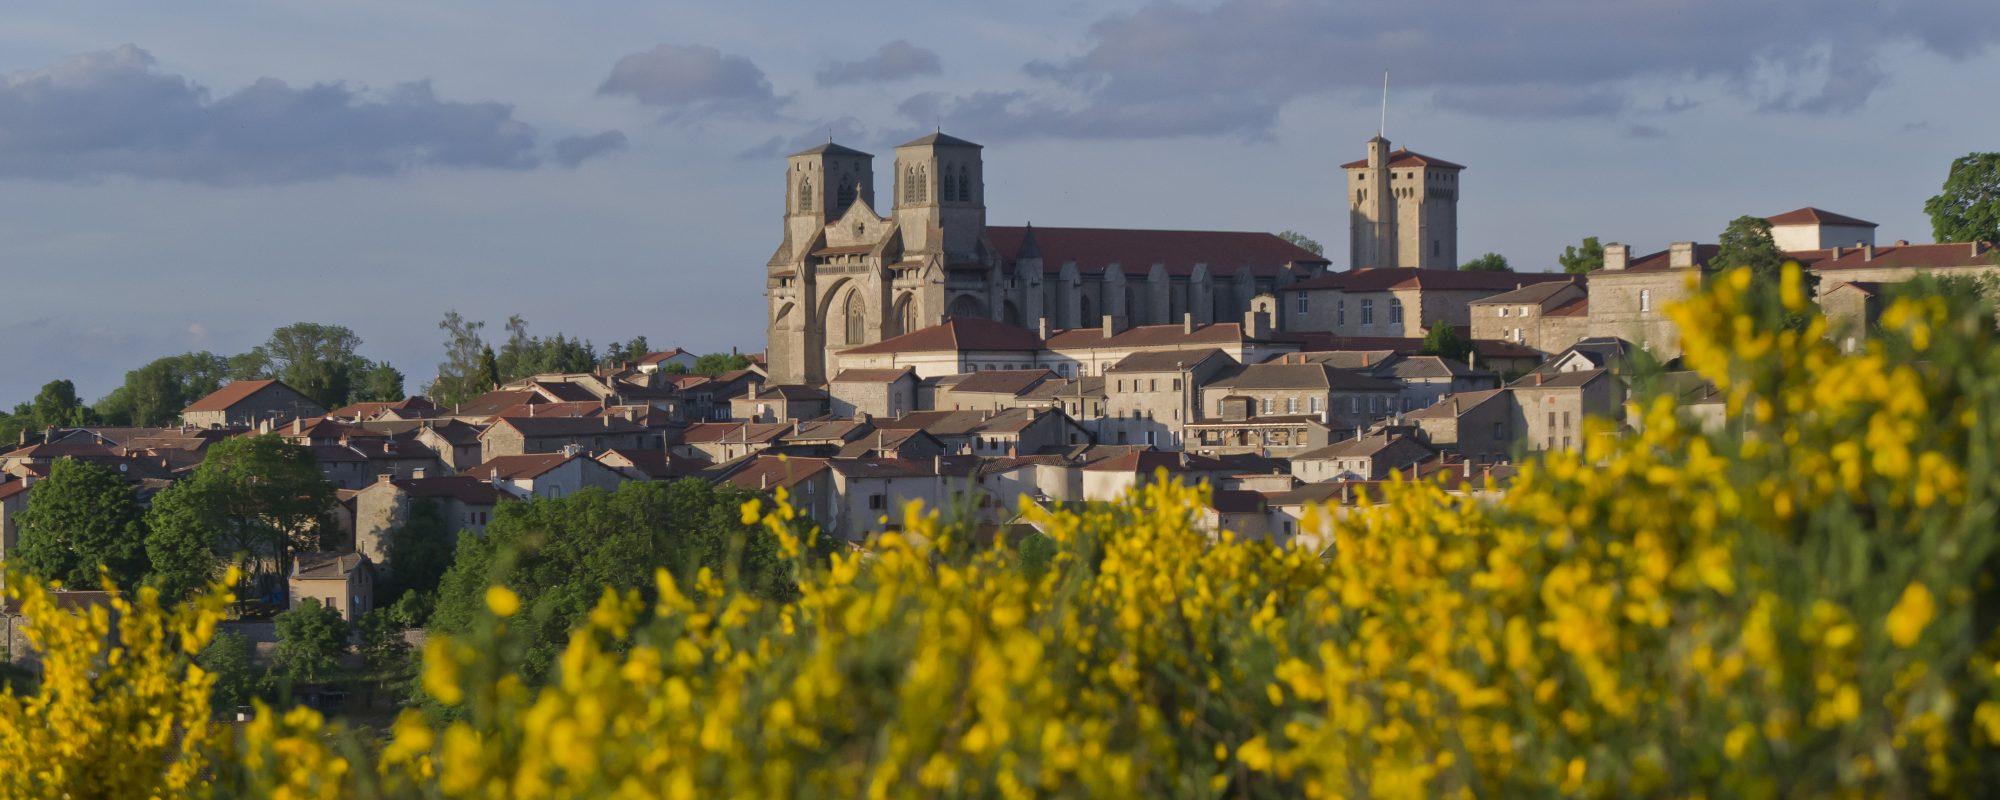 L'Abbaye de La Chaise-Dieu